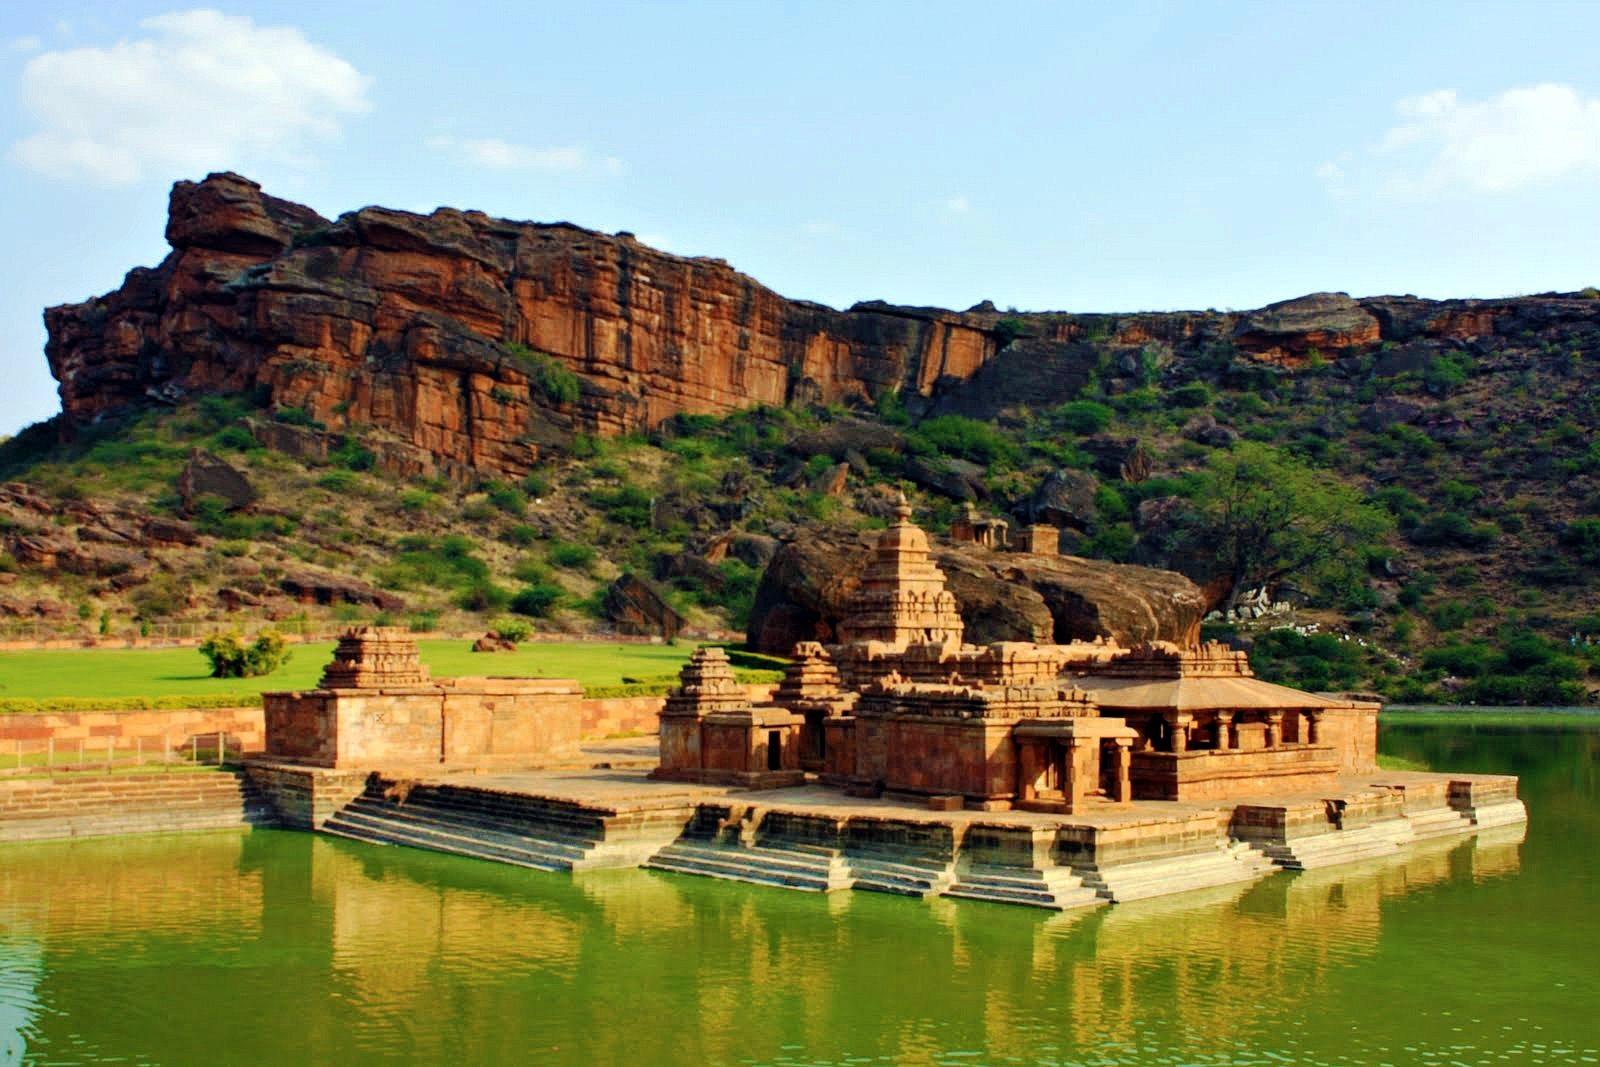 Top 10 Places To Visit In Karnataka Thomas Cook India Travel Blog